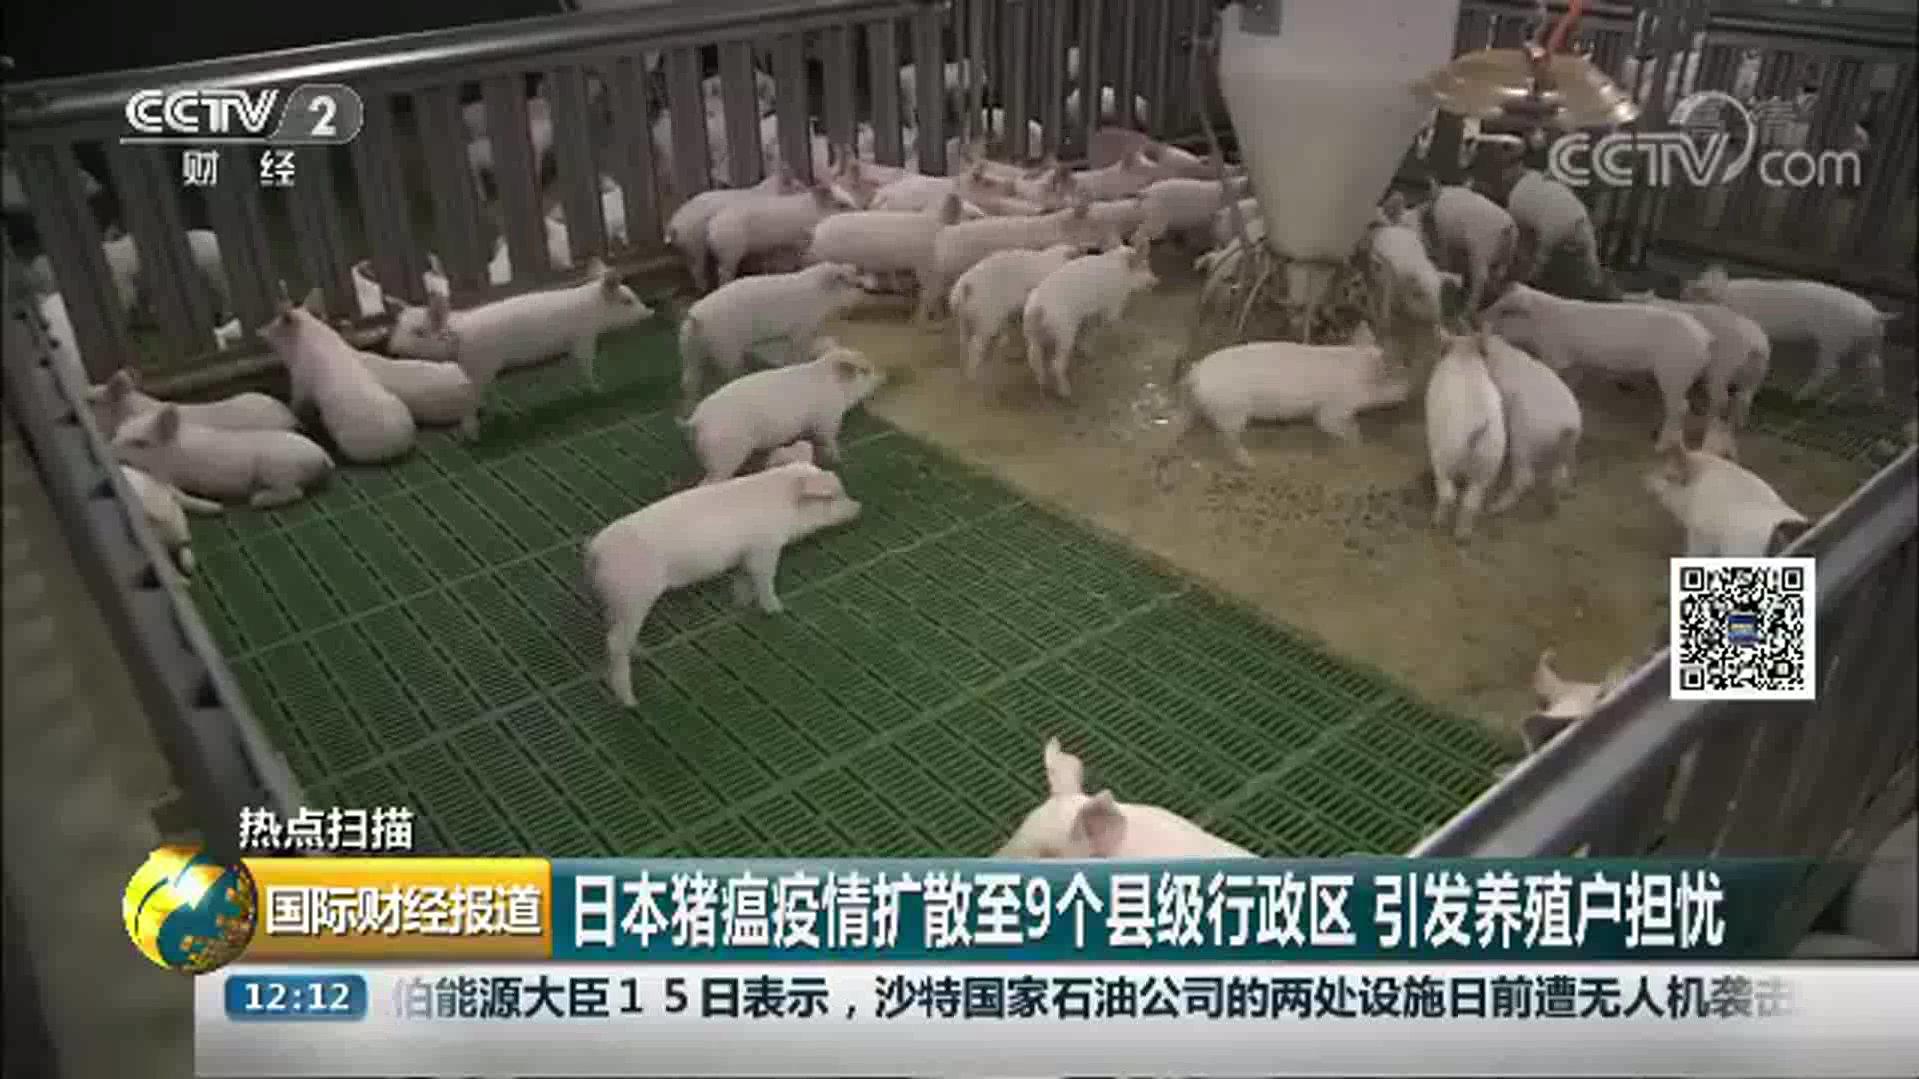 扑杀、填埋…20吨潜在感染风险猪肉被处理!,尚未查清疫情源头